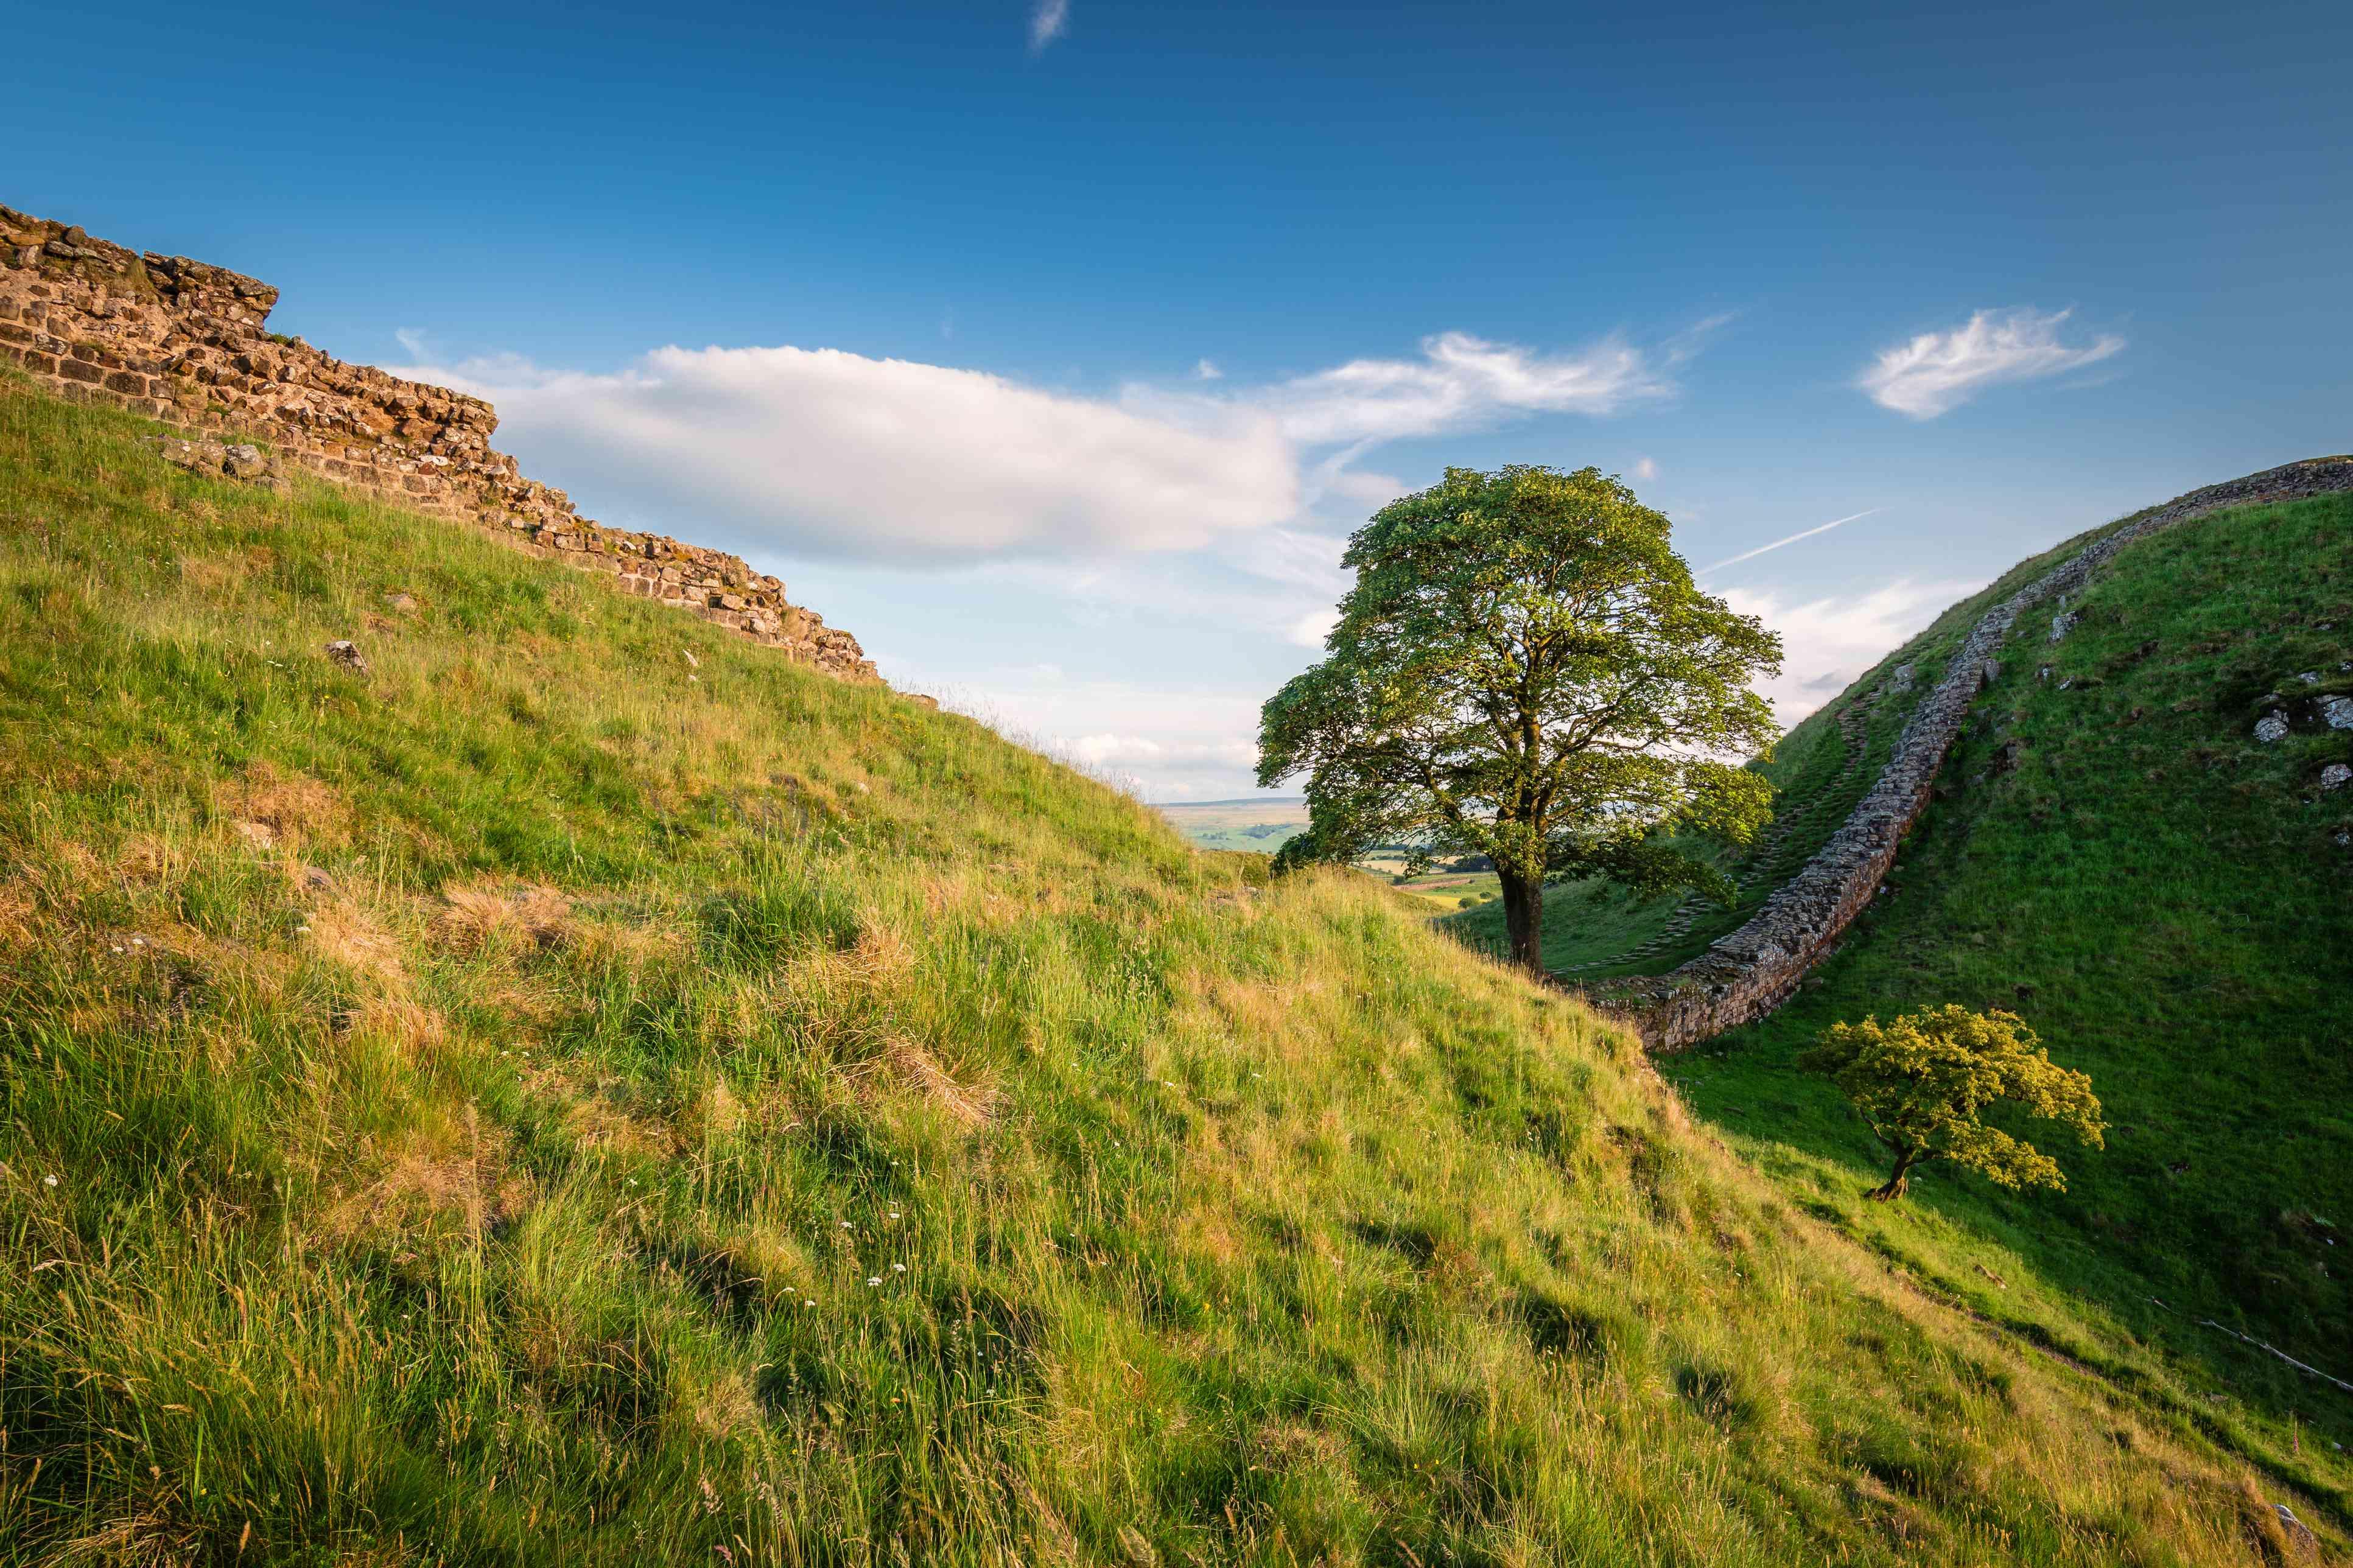 Hadrian's Wall at Sycamore Gap